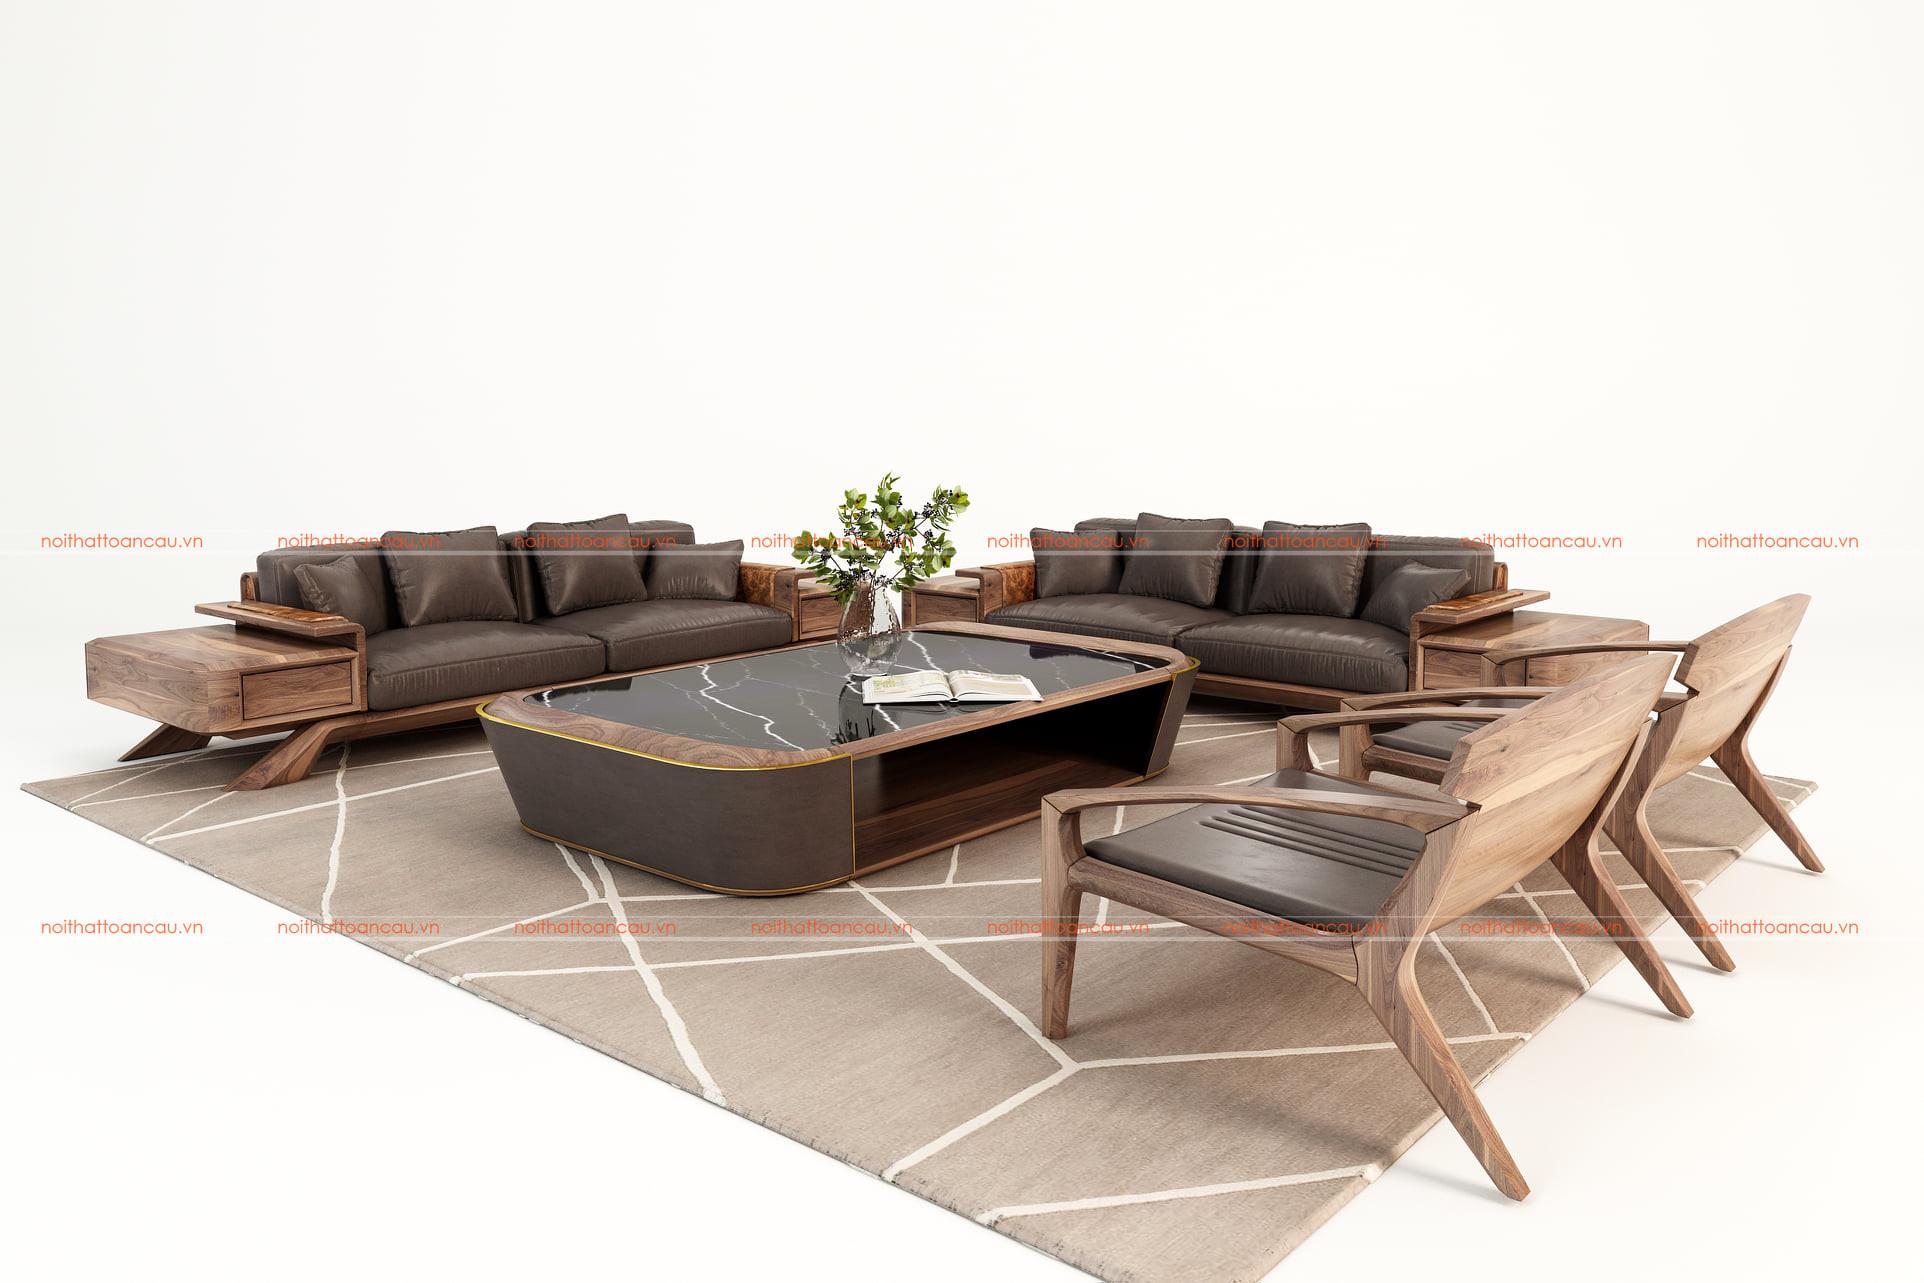 Sofa gỗ óc chó cho phòng khách 1